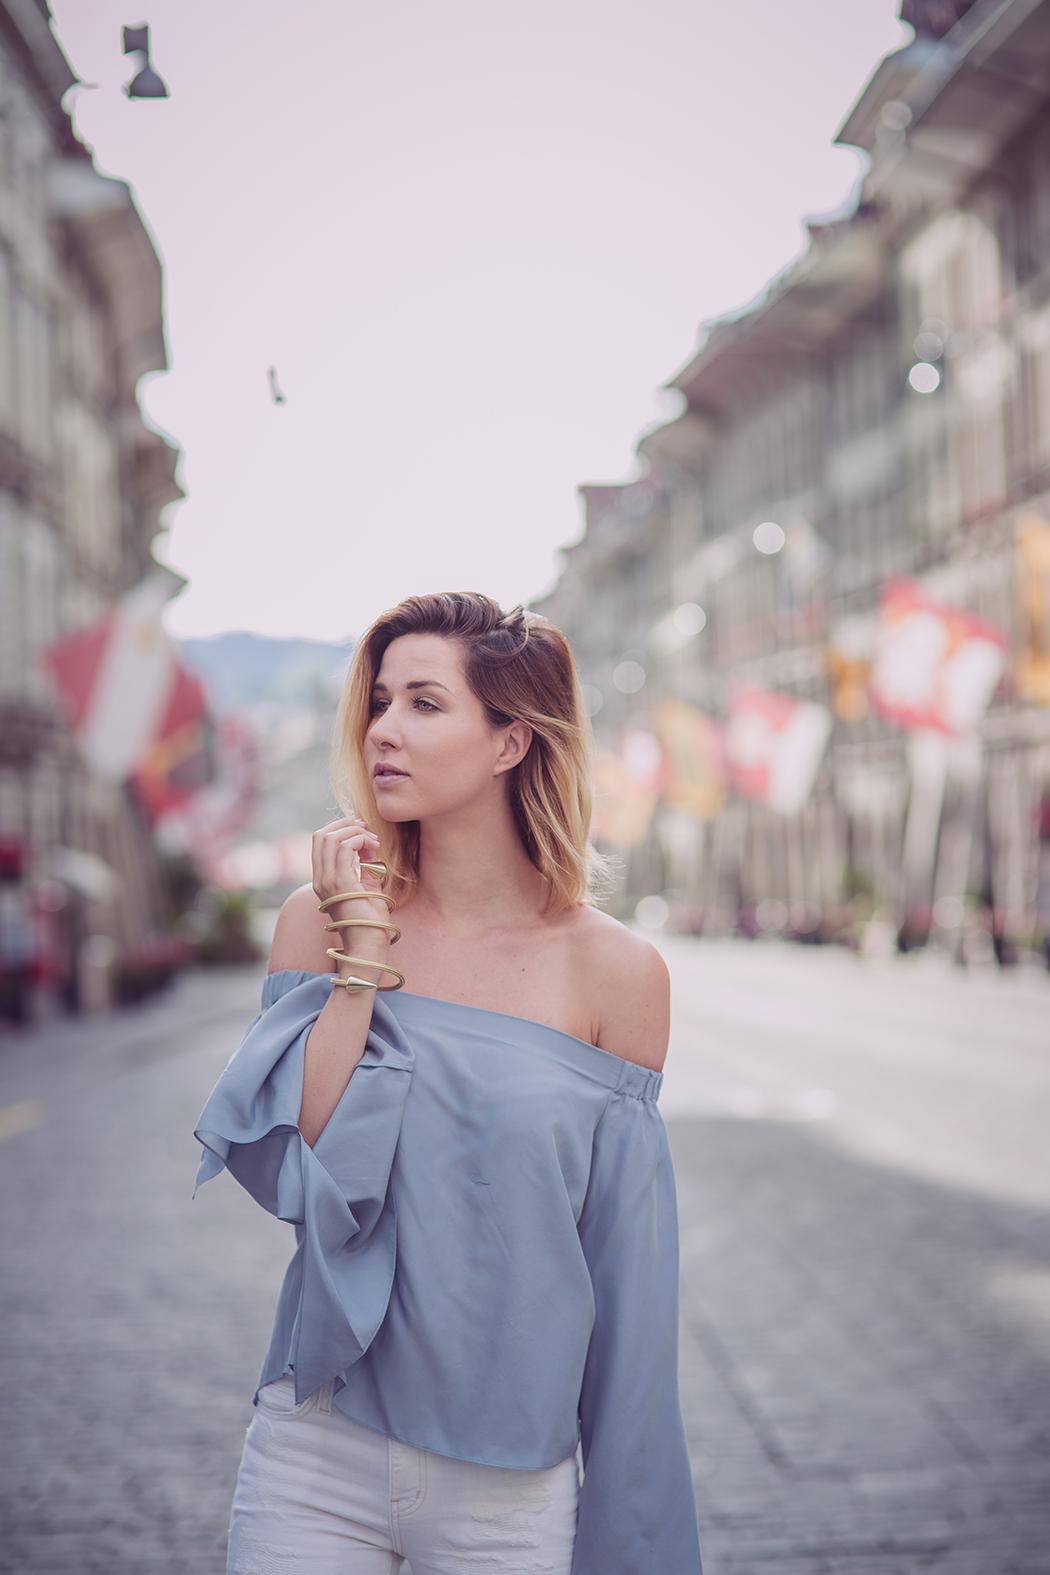 Fashionblog-Fashionblogger-Fashion-Blog-Blogger-Muenchen-Deutschland-Lindarella-The_Outnet-Celine-Bag-Overshoulder-Bluse-6-web